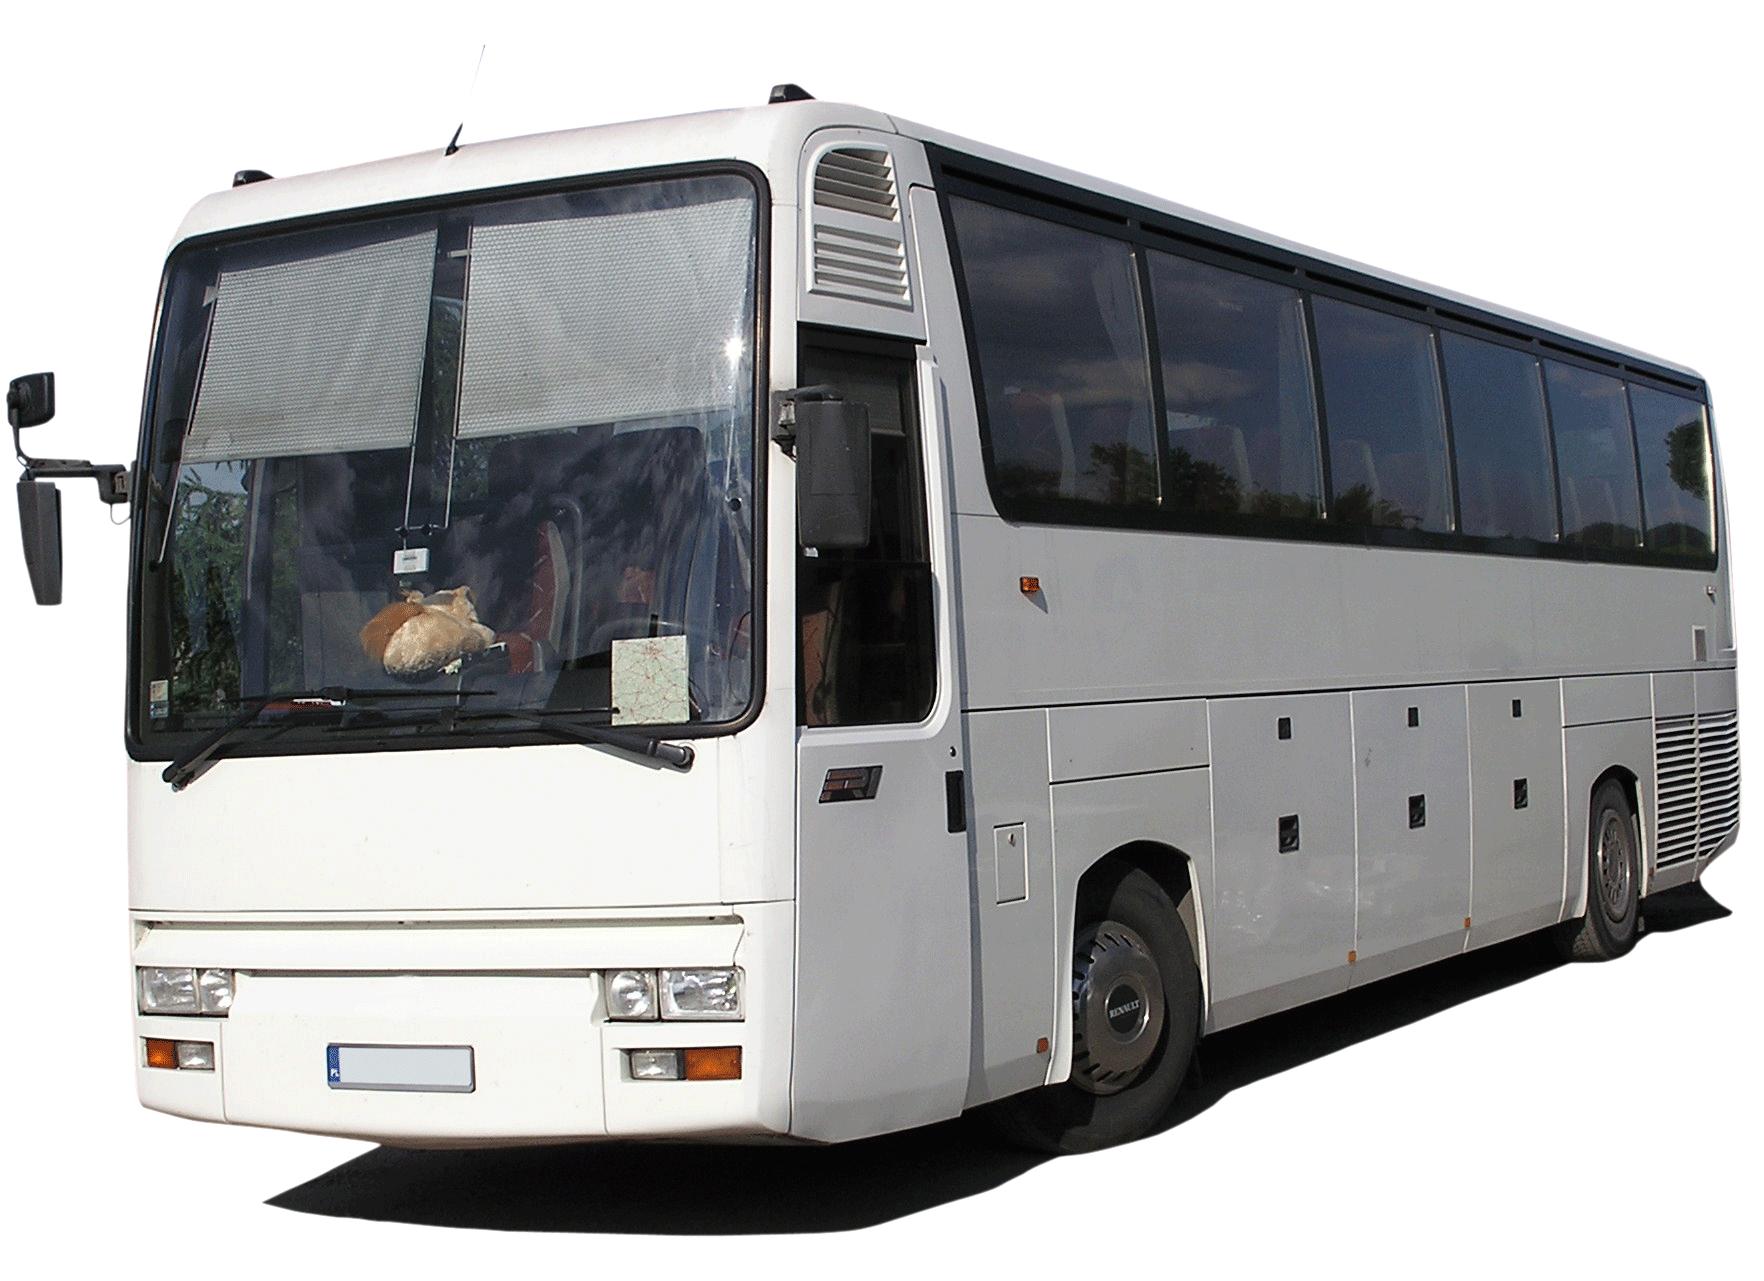 PNG Tour Bus - 56994